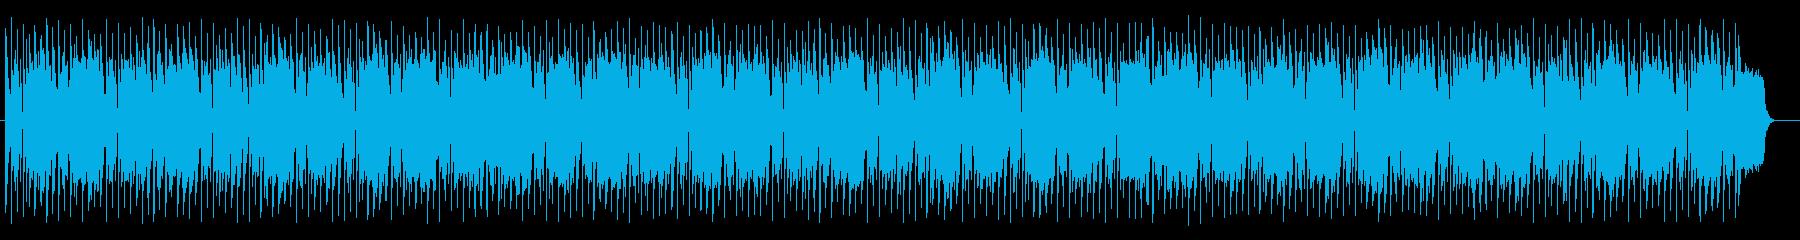 爽やかでポップなリフレインミュージックの再生済みの波形